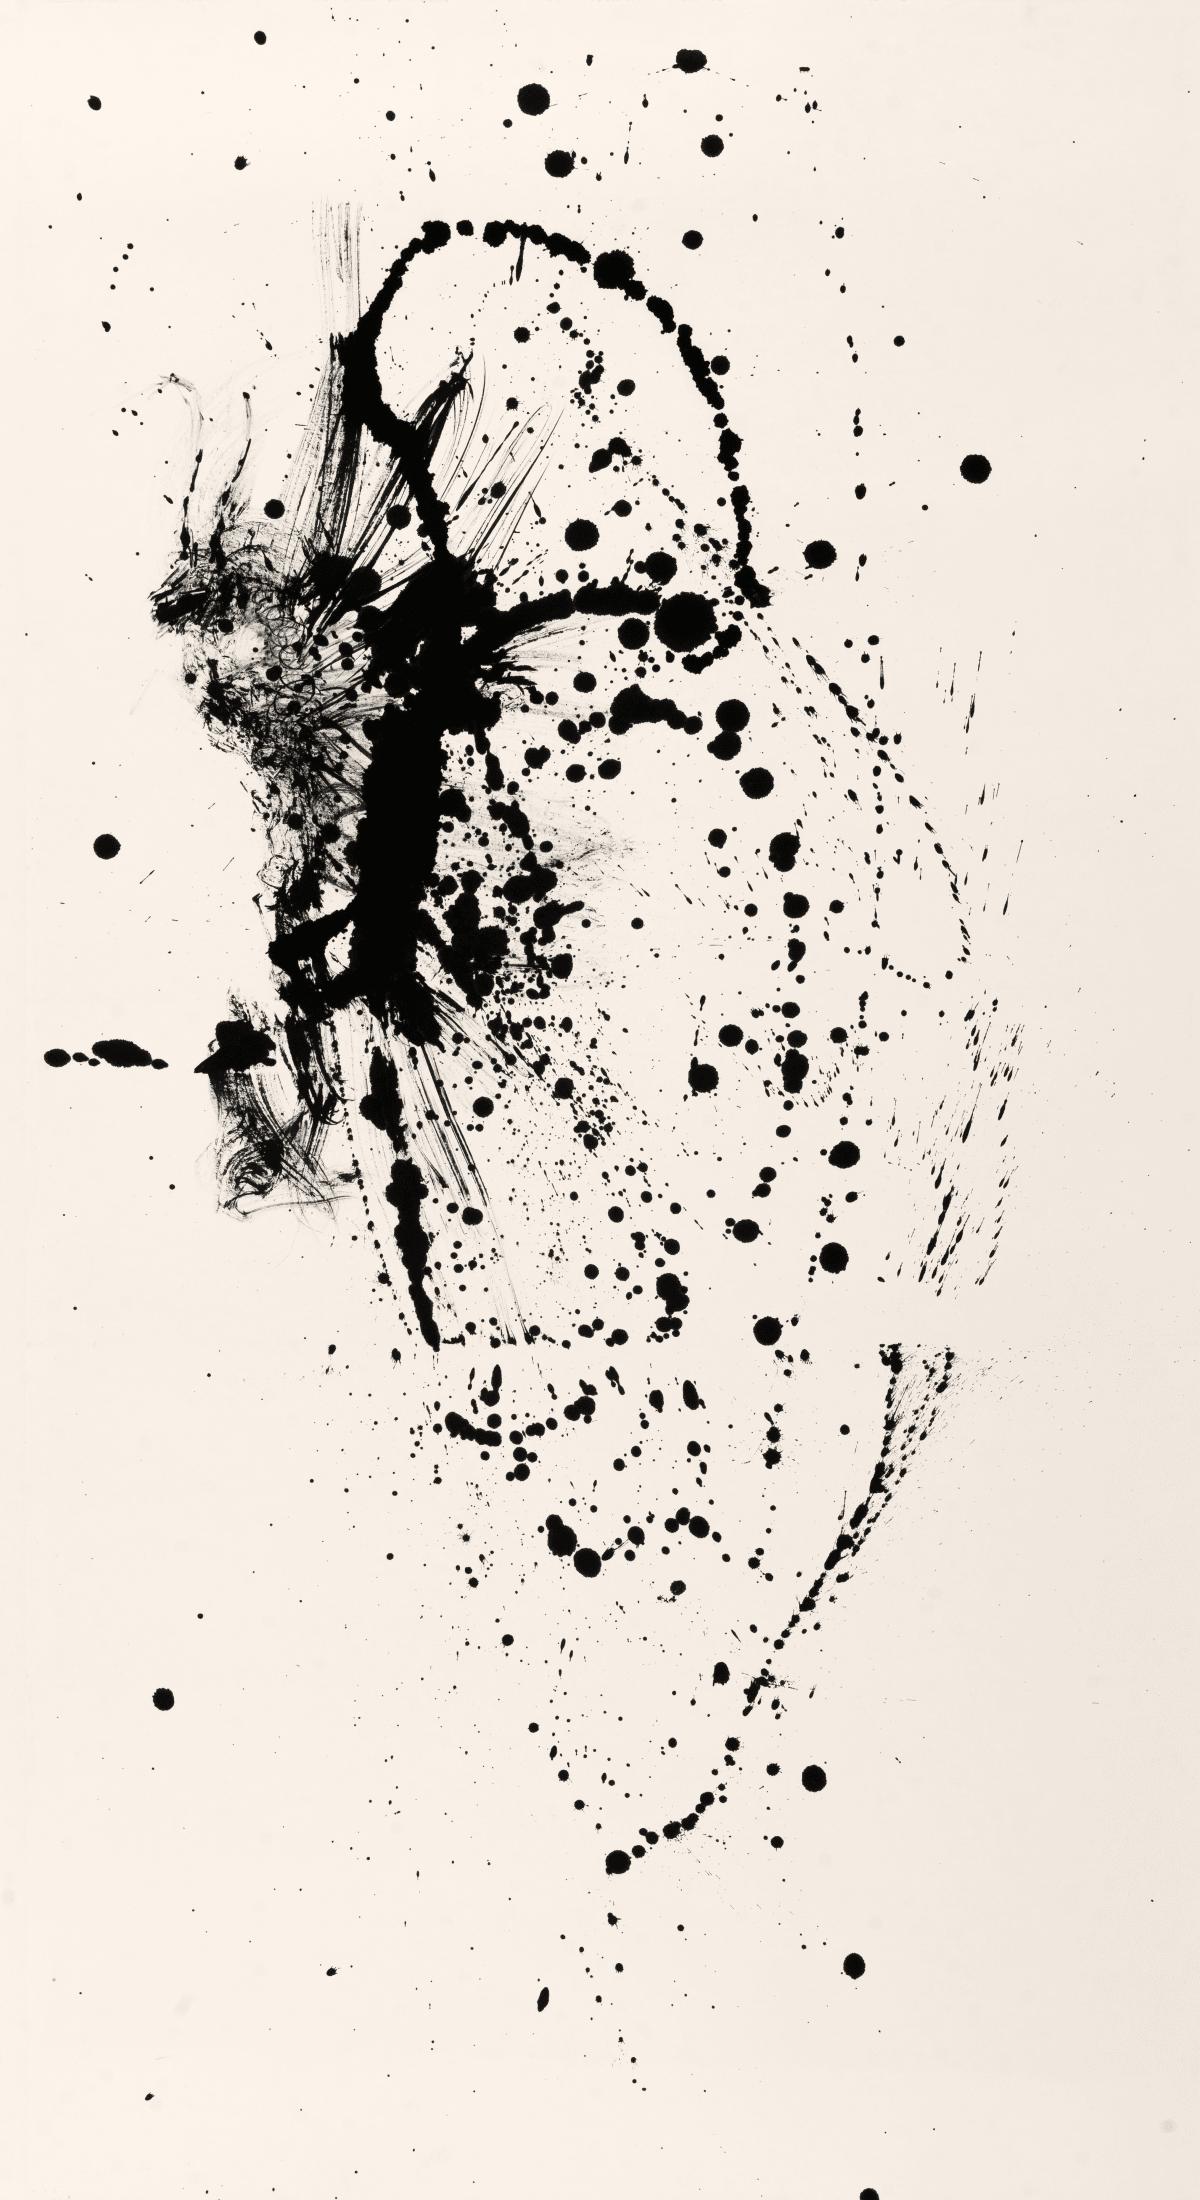 Chloe Ho 何鳳蓮, Essential Metamorphosis, 2015